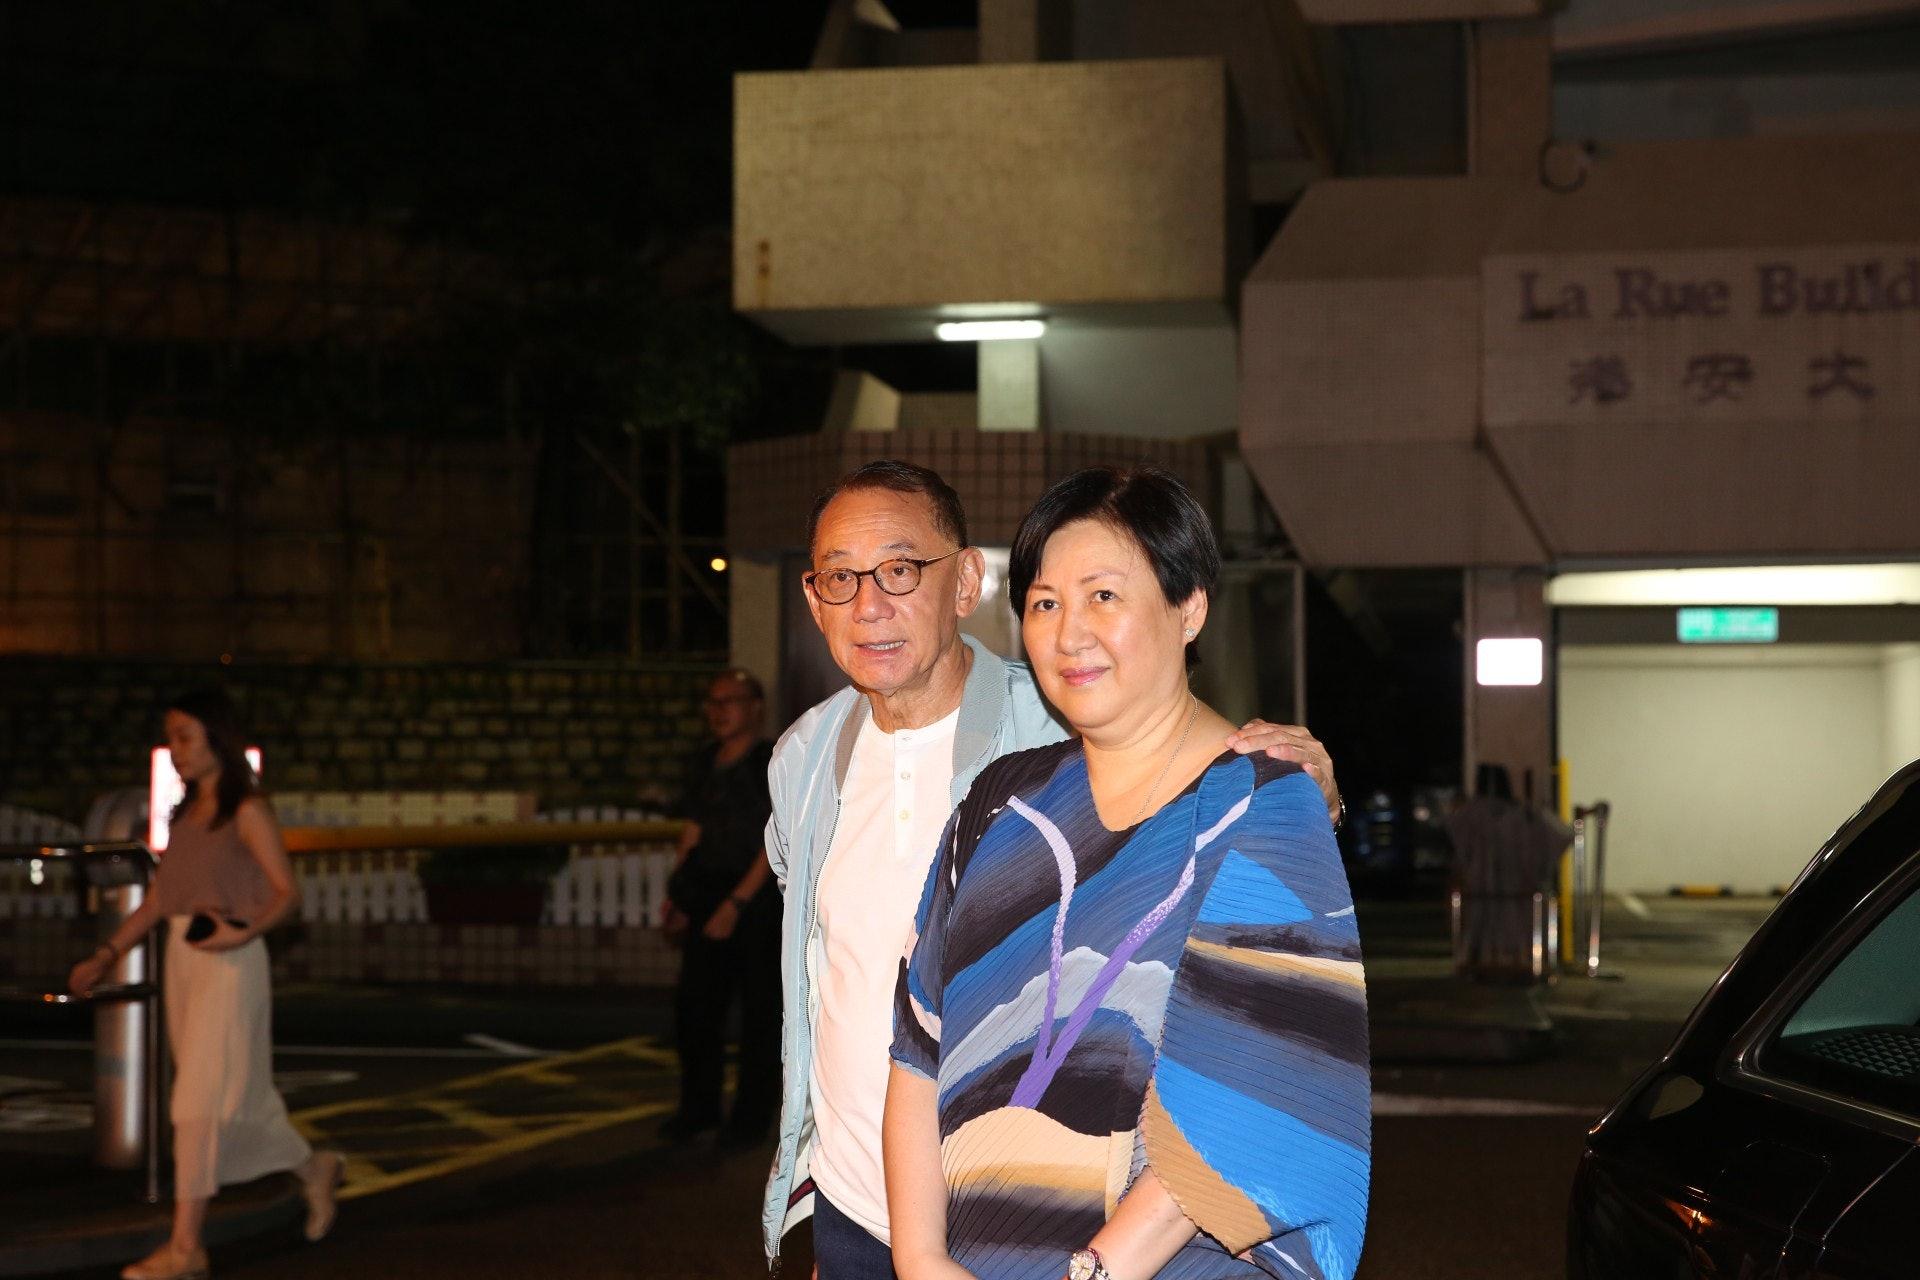 英皇集團主席楊受成先生及太太到醫院探望任達華。 (王譯揚攝)